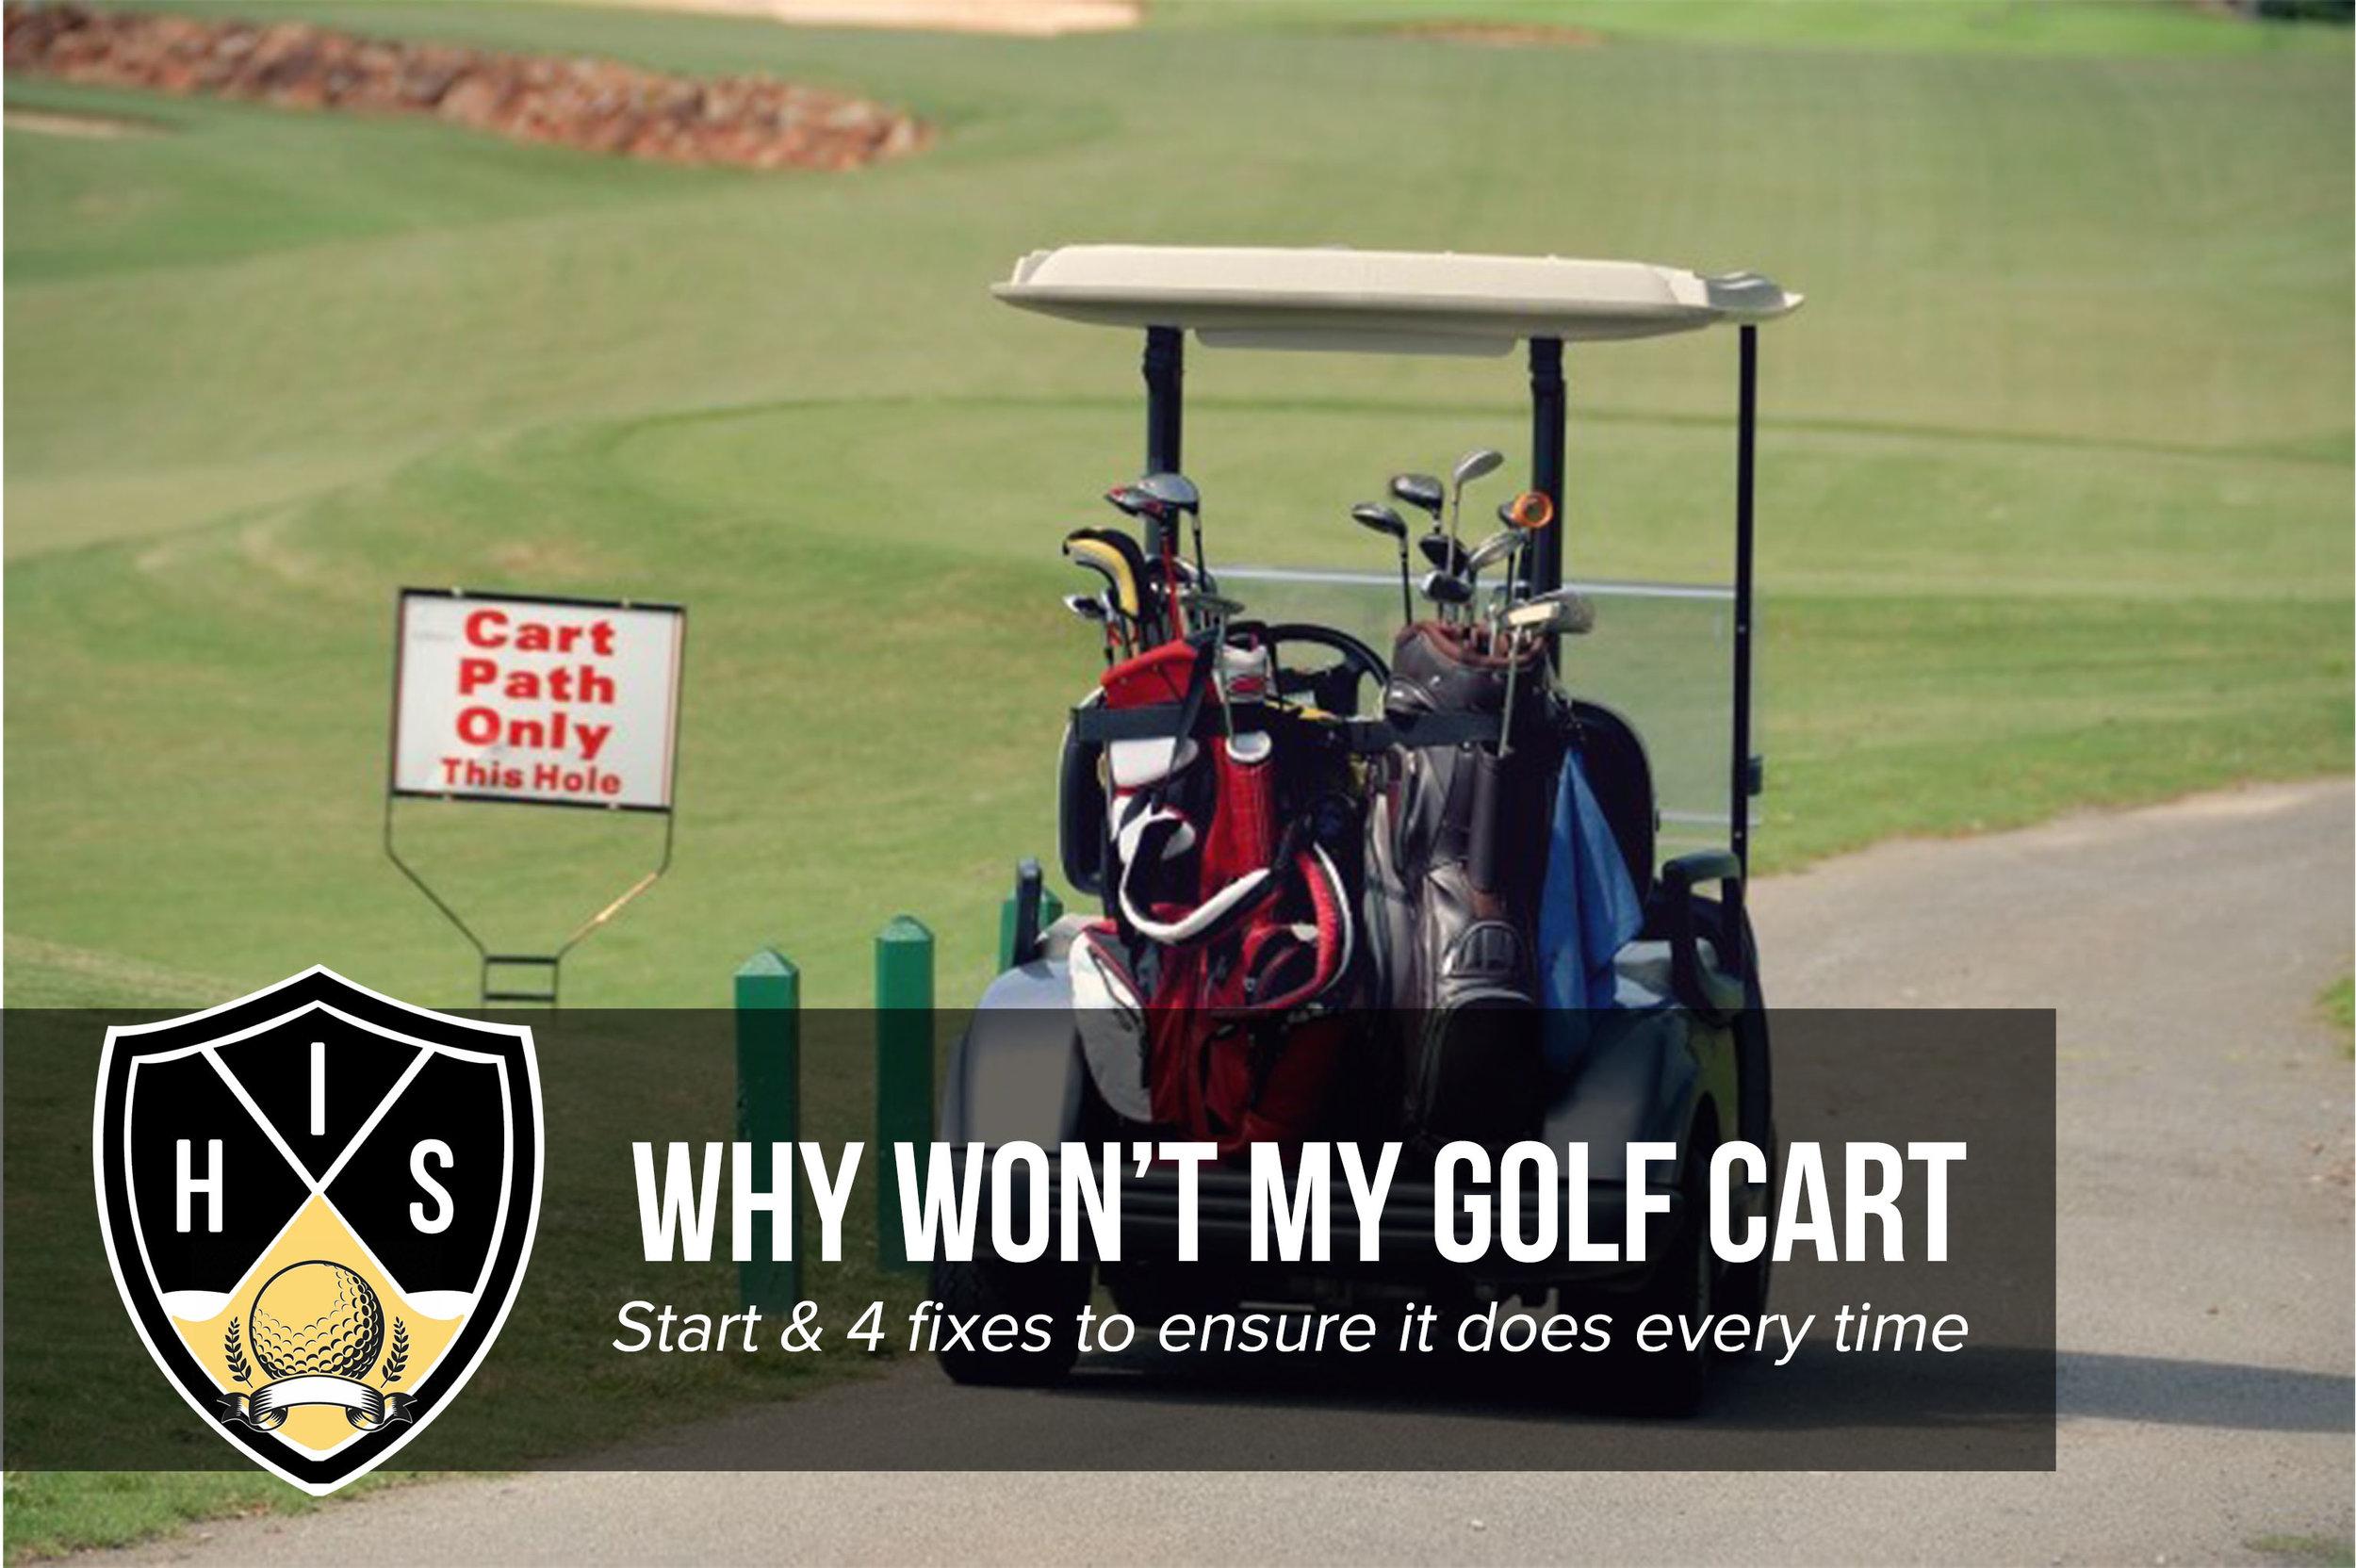 golf cart won't start